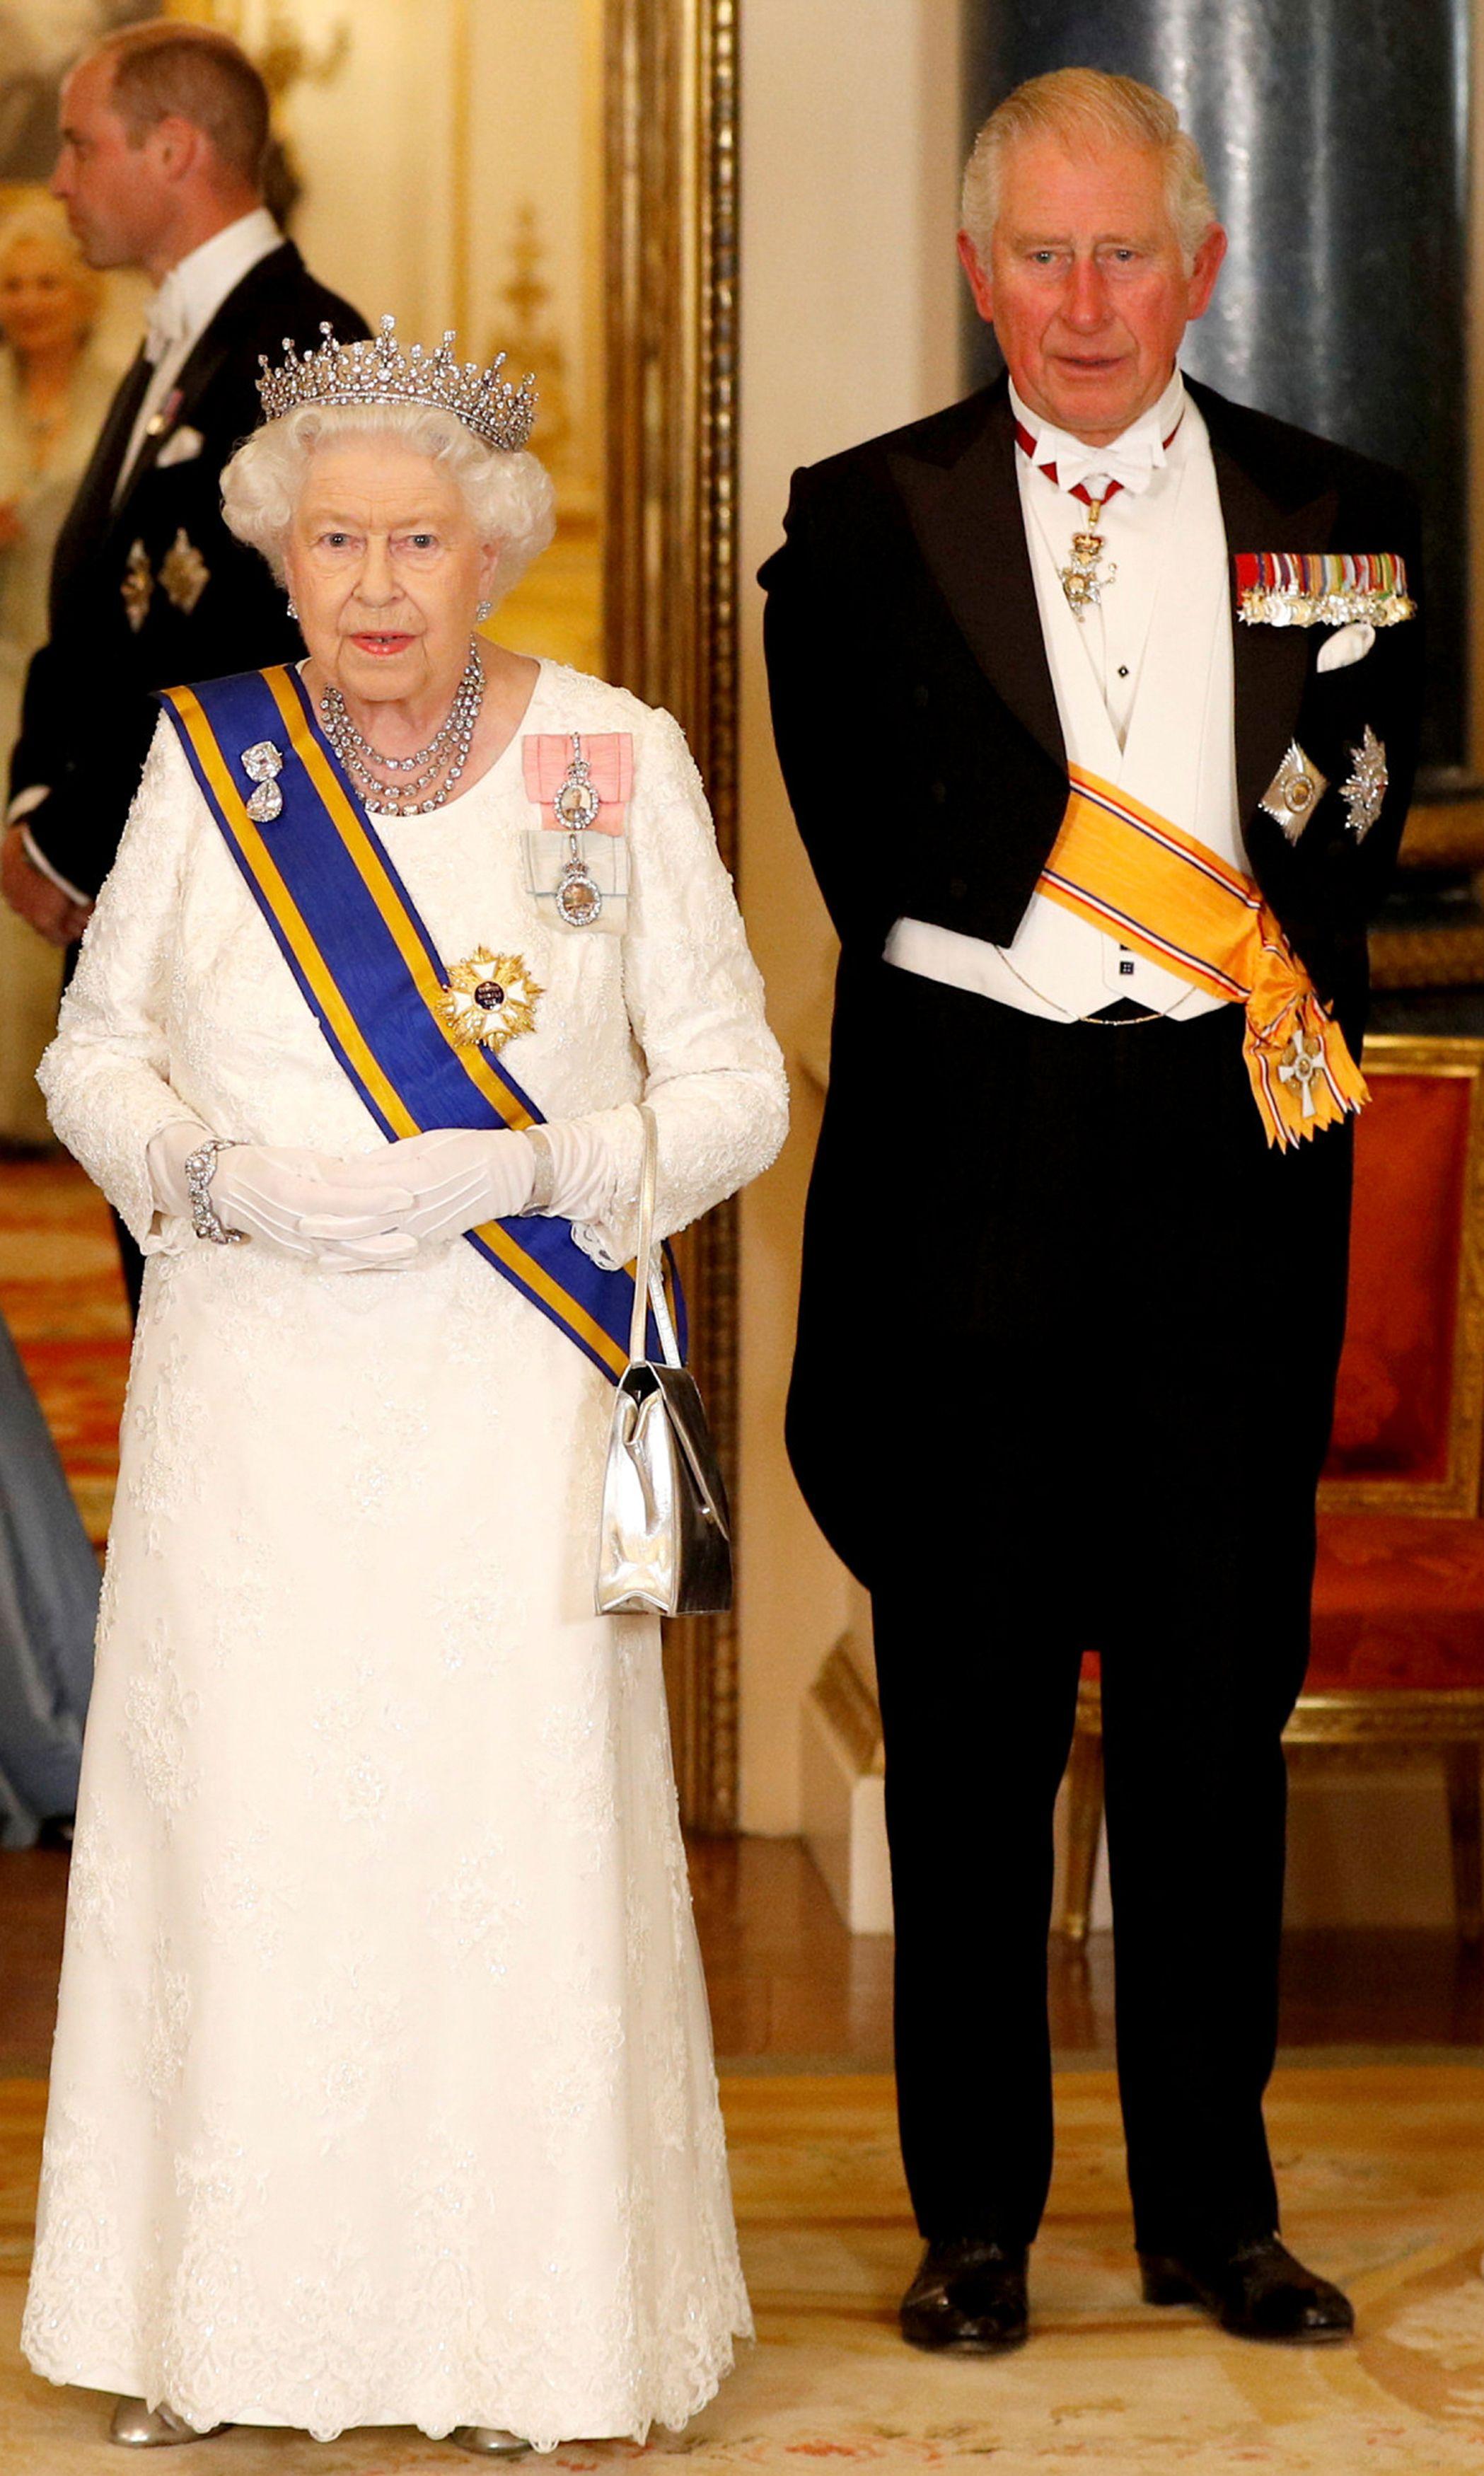 Αποτέλεσμα εικόνας για prince charles